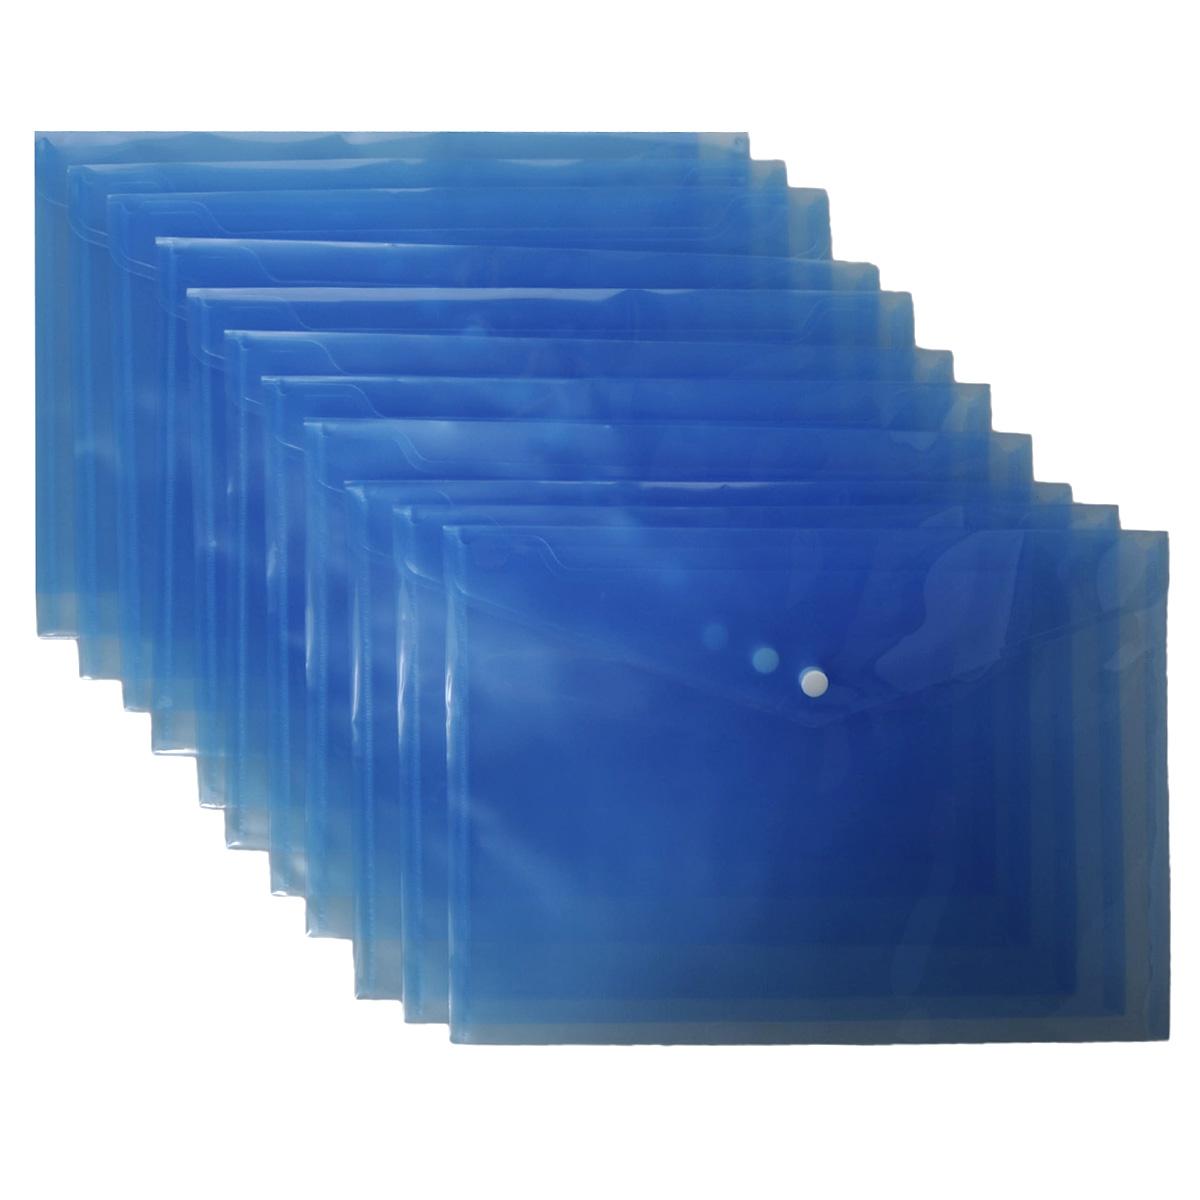 Папка-конверт на кнопке Centrum, цвет: синий. Формат А4, 12 шт83124Папка-конверт на кнопке Centrum - это удобный и функциональный офисный инструмент, предназначенный для хранения и транспортировки рабочих бумаг и документов формата А4. Папка изготовлена из полупрозрачного пластика, закрывается клапаном на кнопке. В комплект входят 12 папок формата A4. Папка-конверт - это незаменимый атрибут для студента, школьника, офисного работника. Такая папка надежно сохранит ваши документы и сбережет их от повреждений, пыли и влаги.